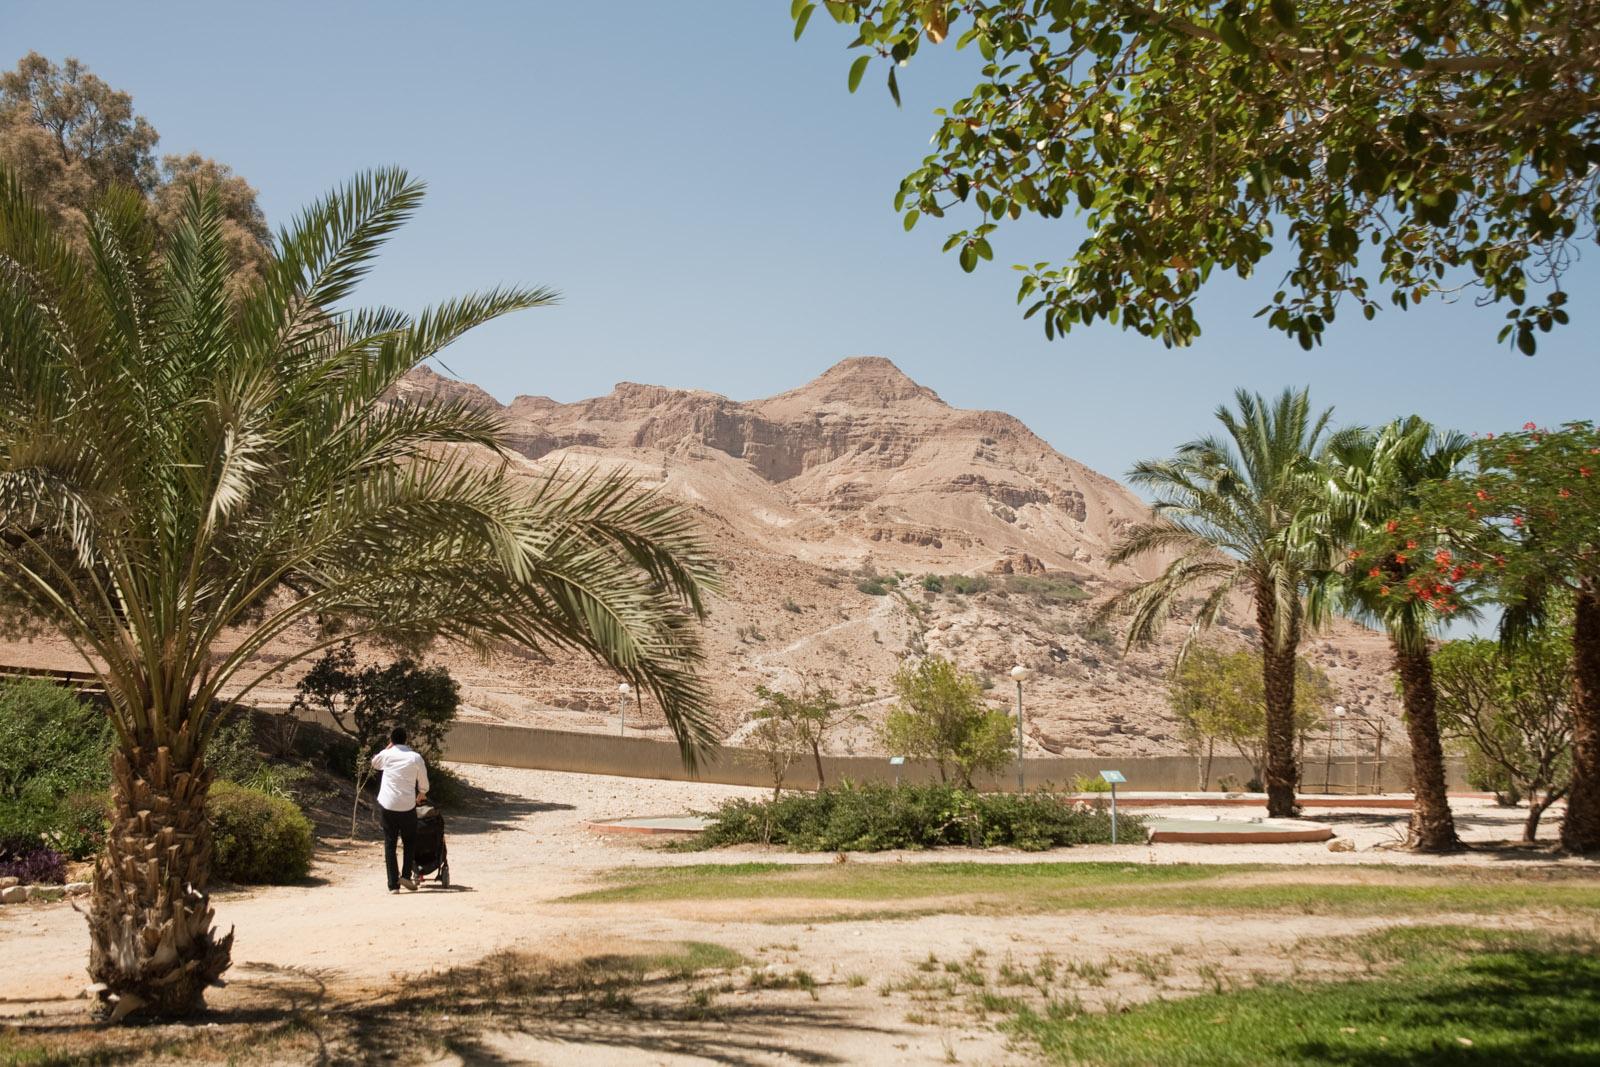 Dans le complexe hôtelier du kibbutz Ein Guedi, près de la Mer Morte.